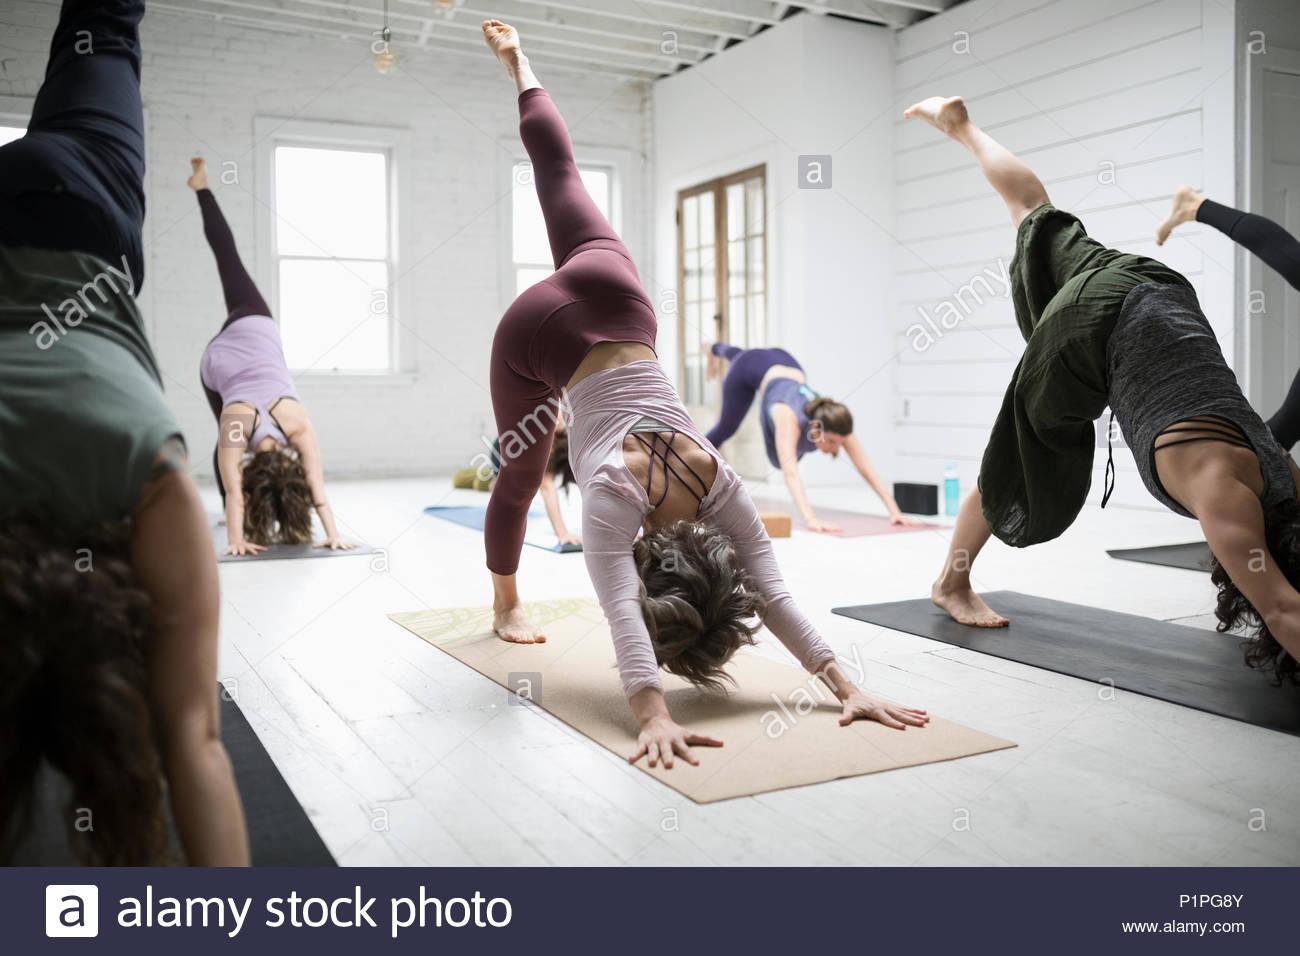 Women practicing yoga three legged dog pose - Stock Image